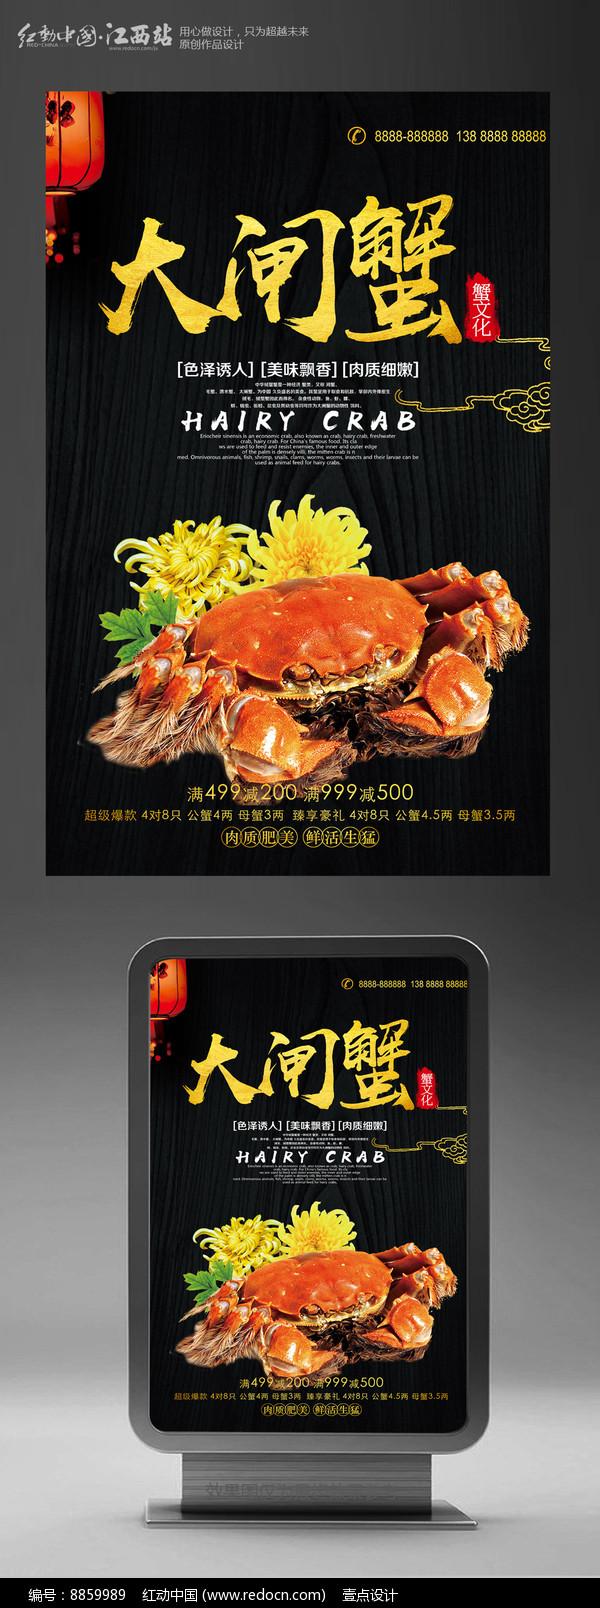 大闸蟹美食宣传海报设计图片